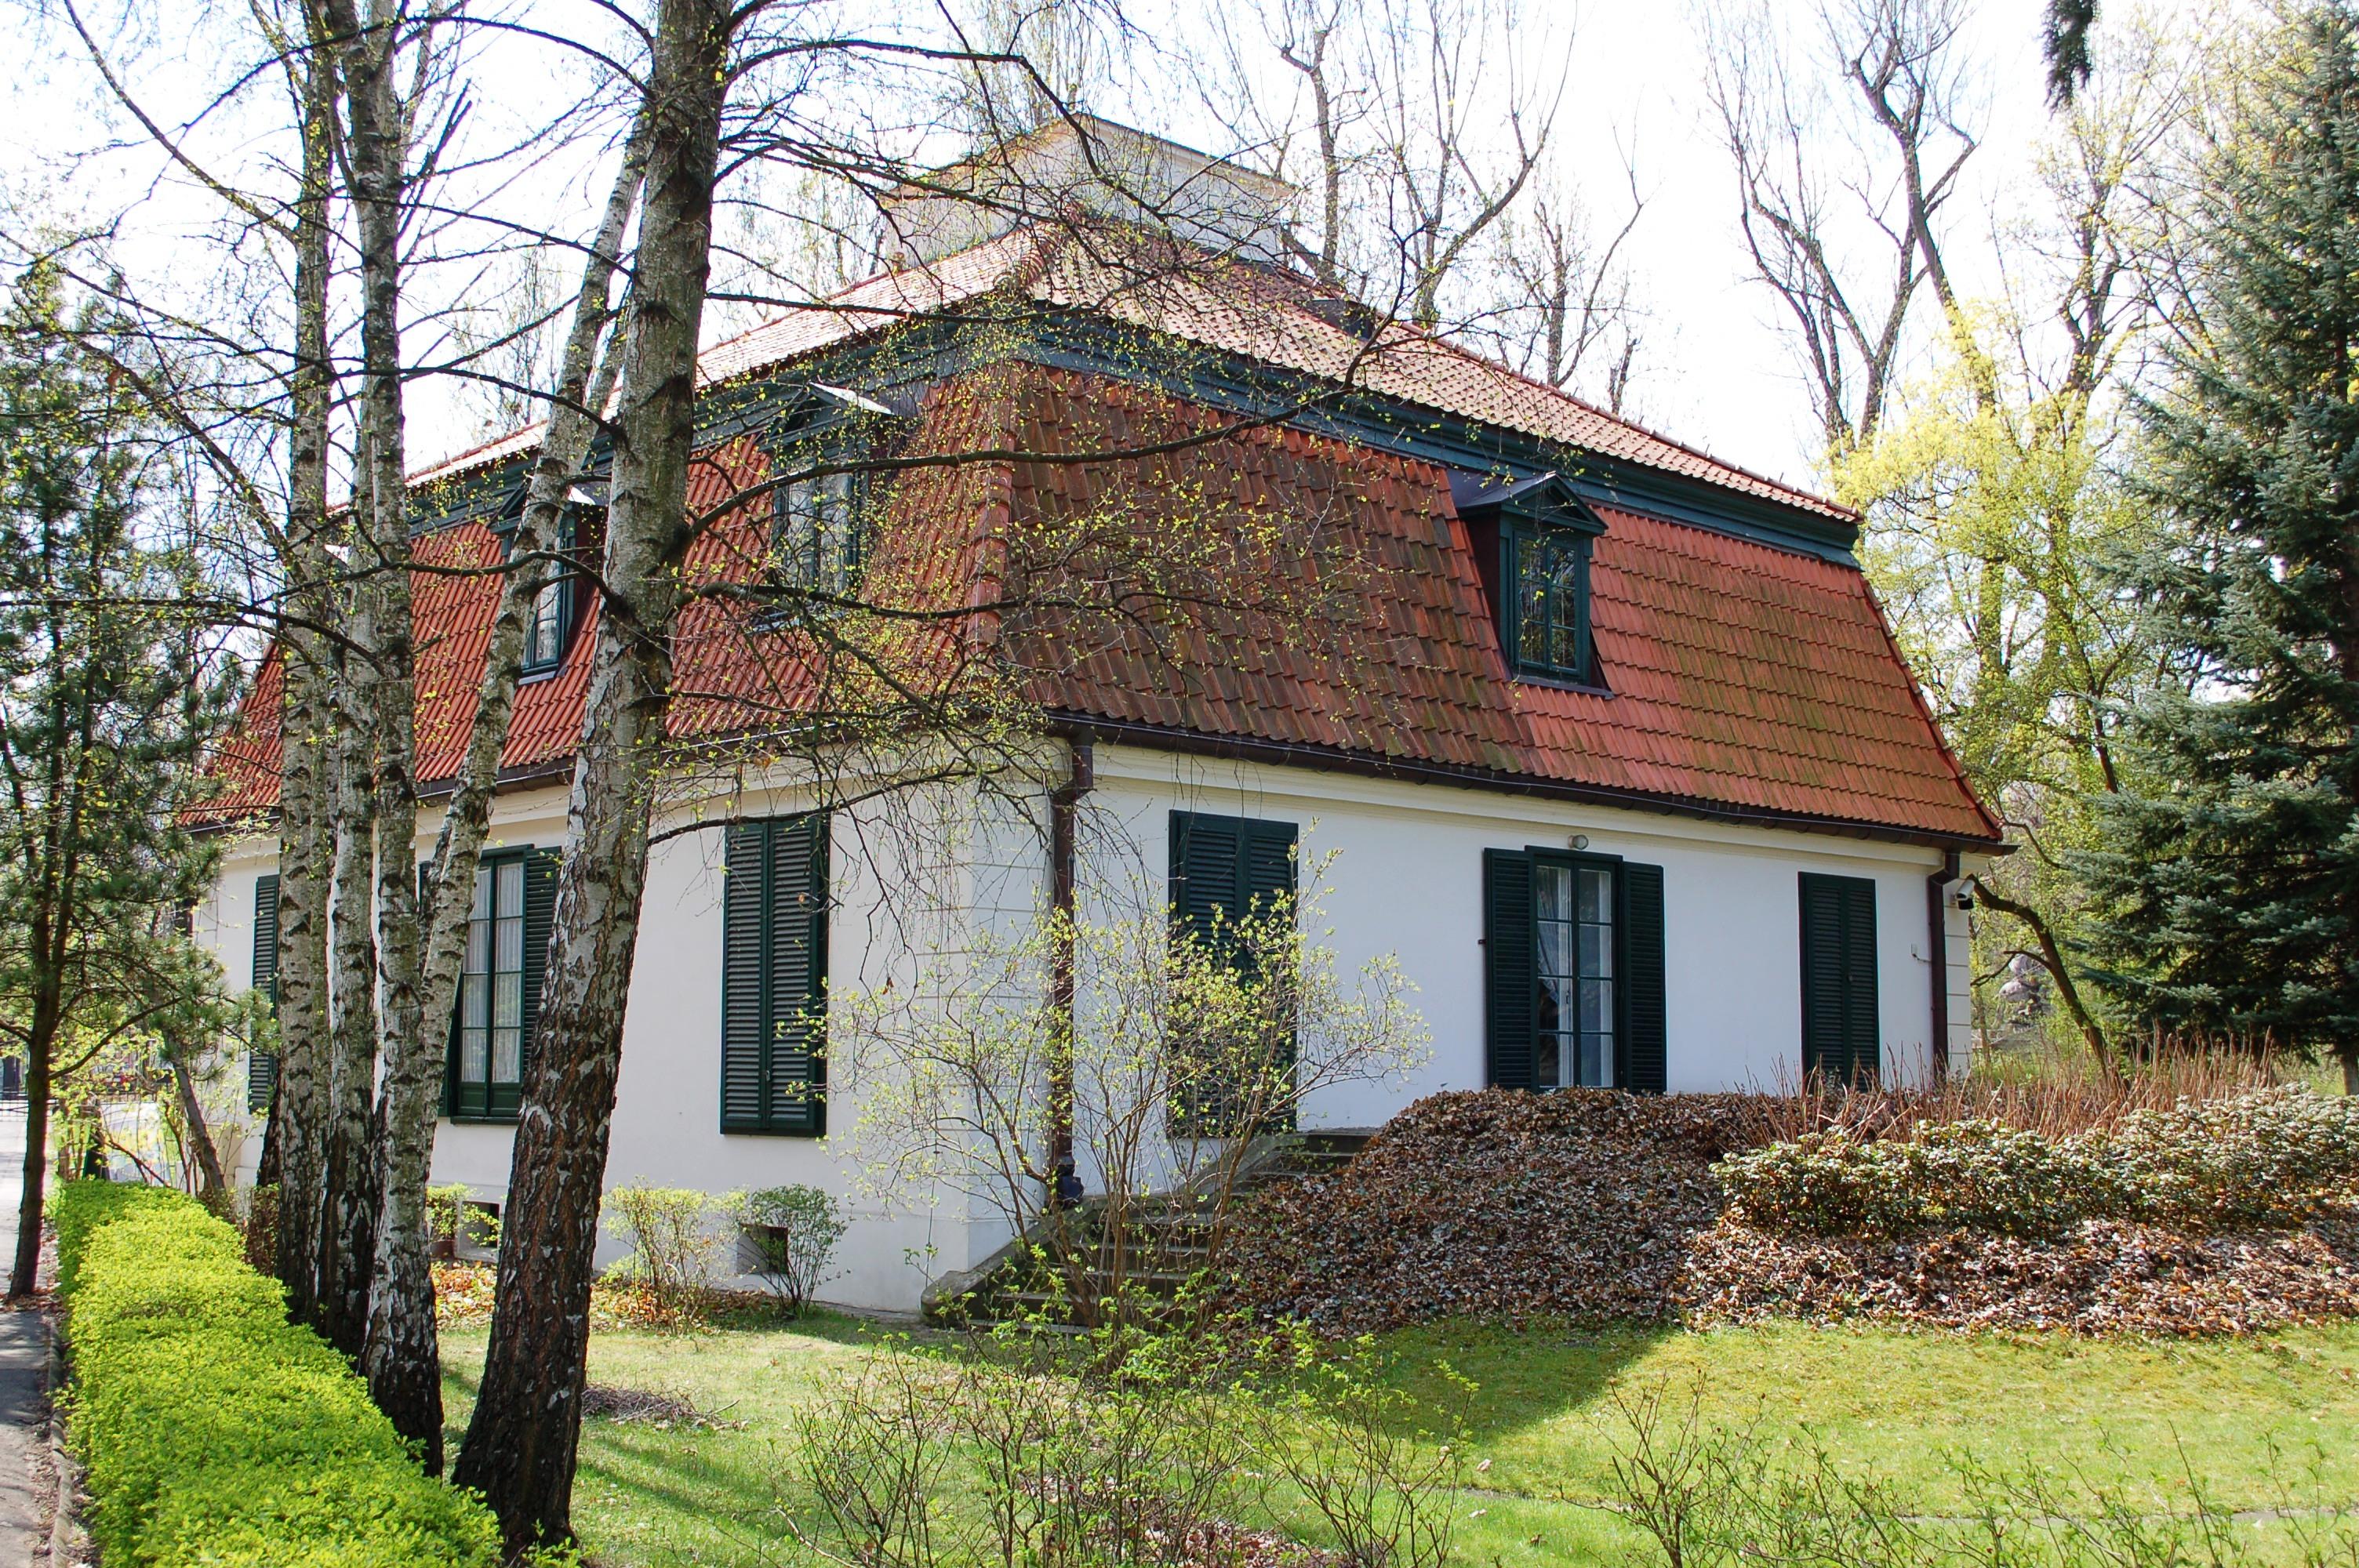 Ermitaż W Warszawie Wikipedia Wolna Encyklopedia